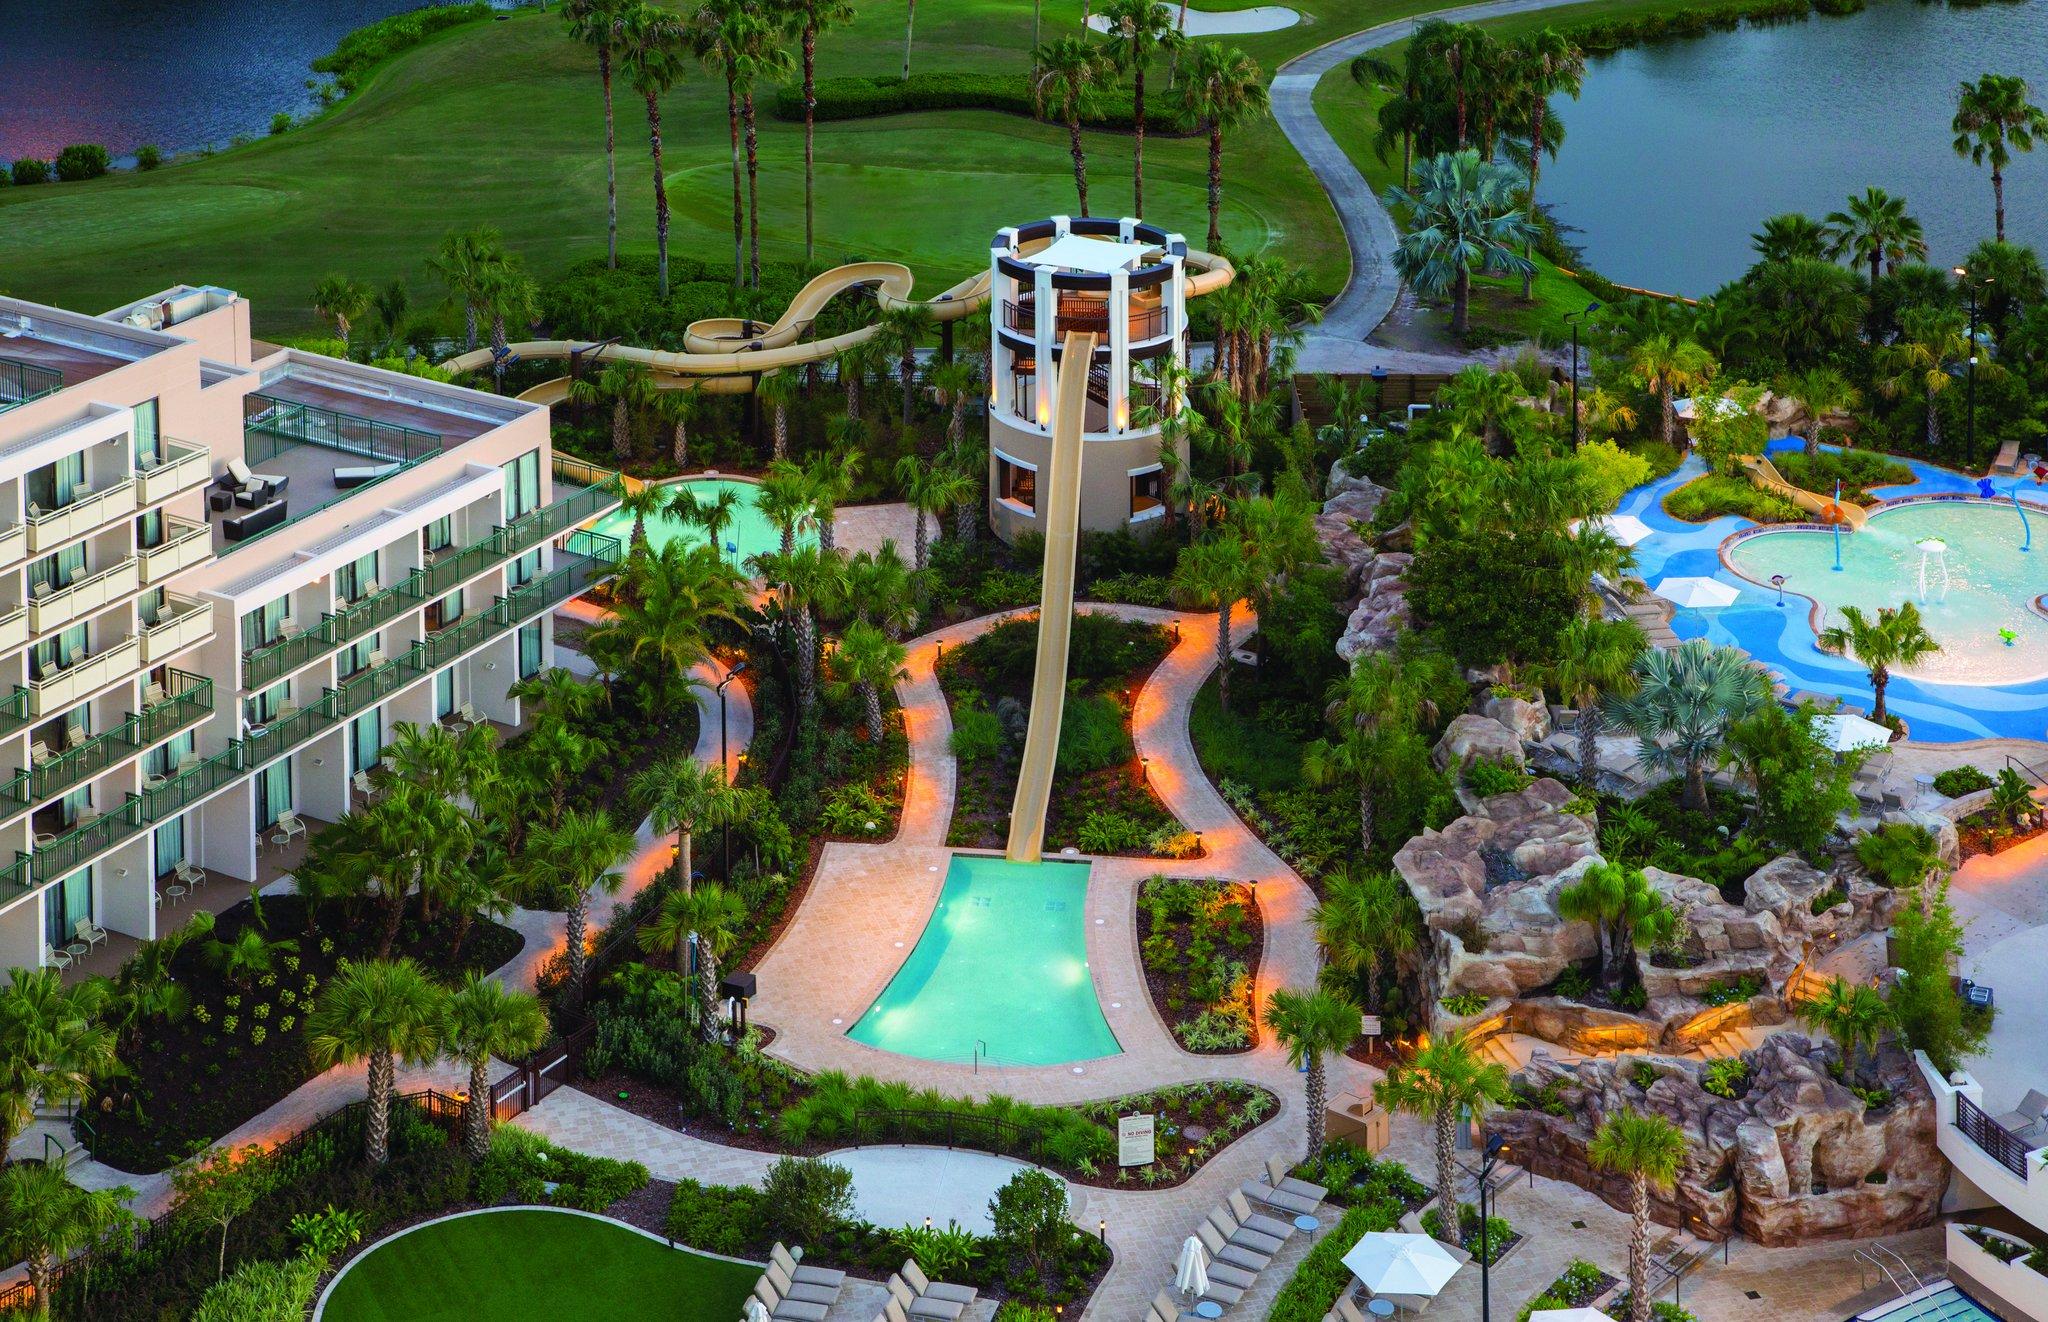 Hotel deals near legoland florida